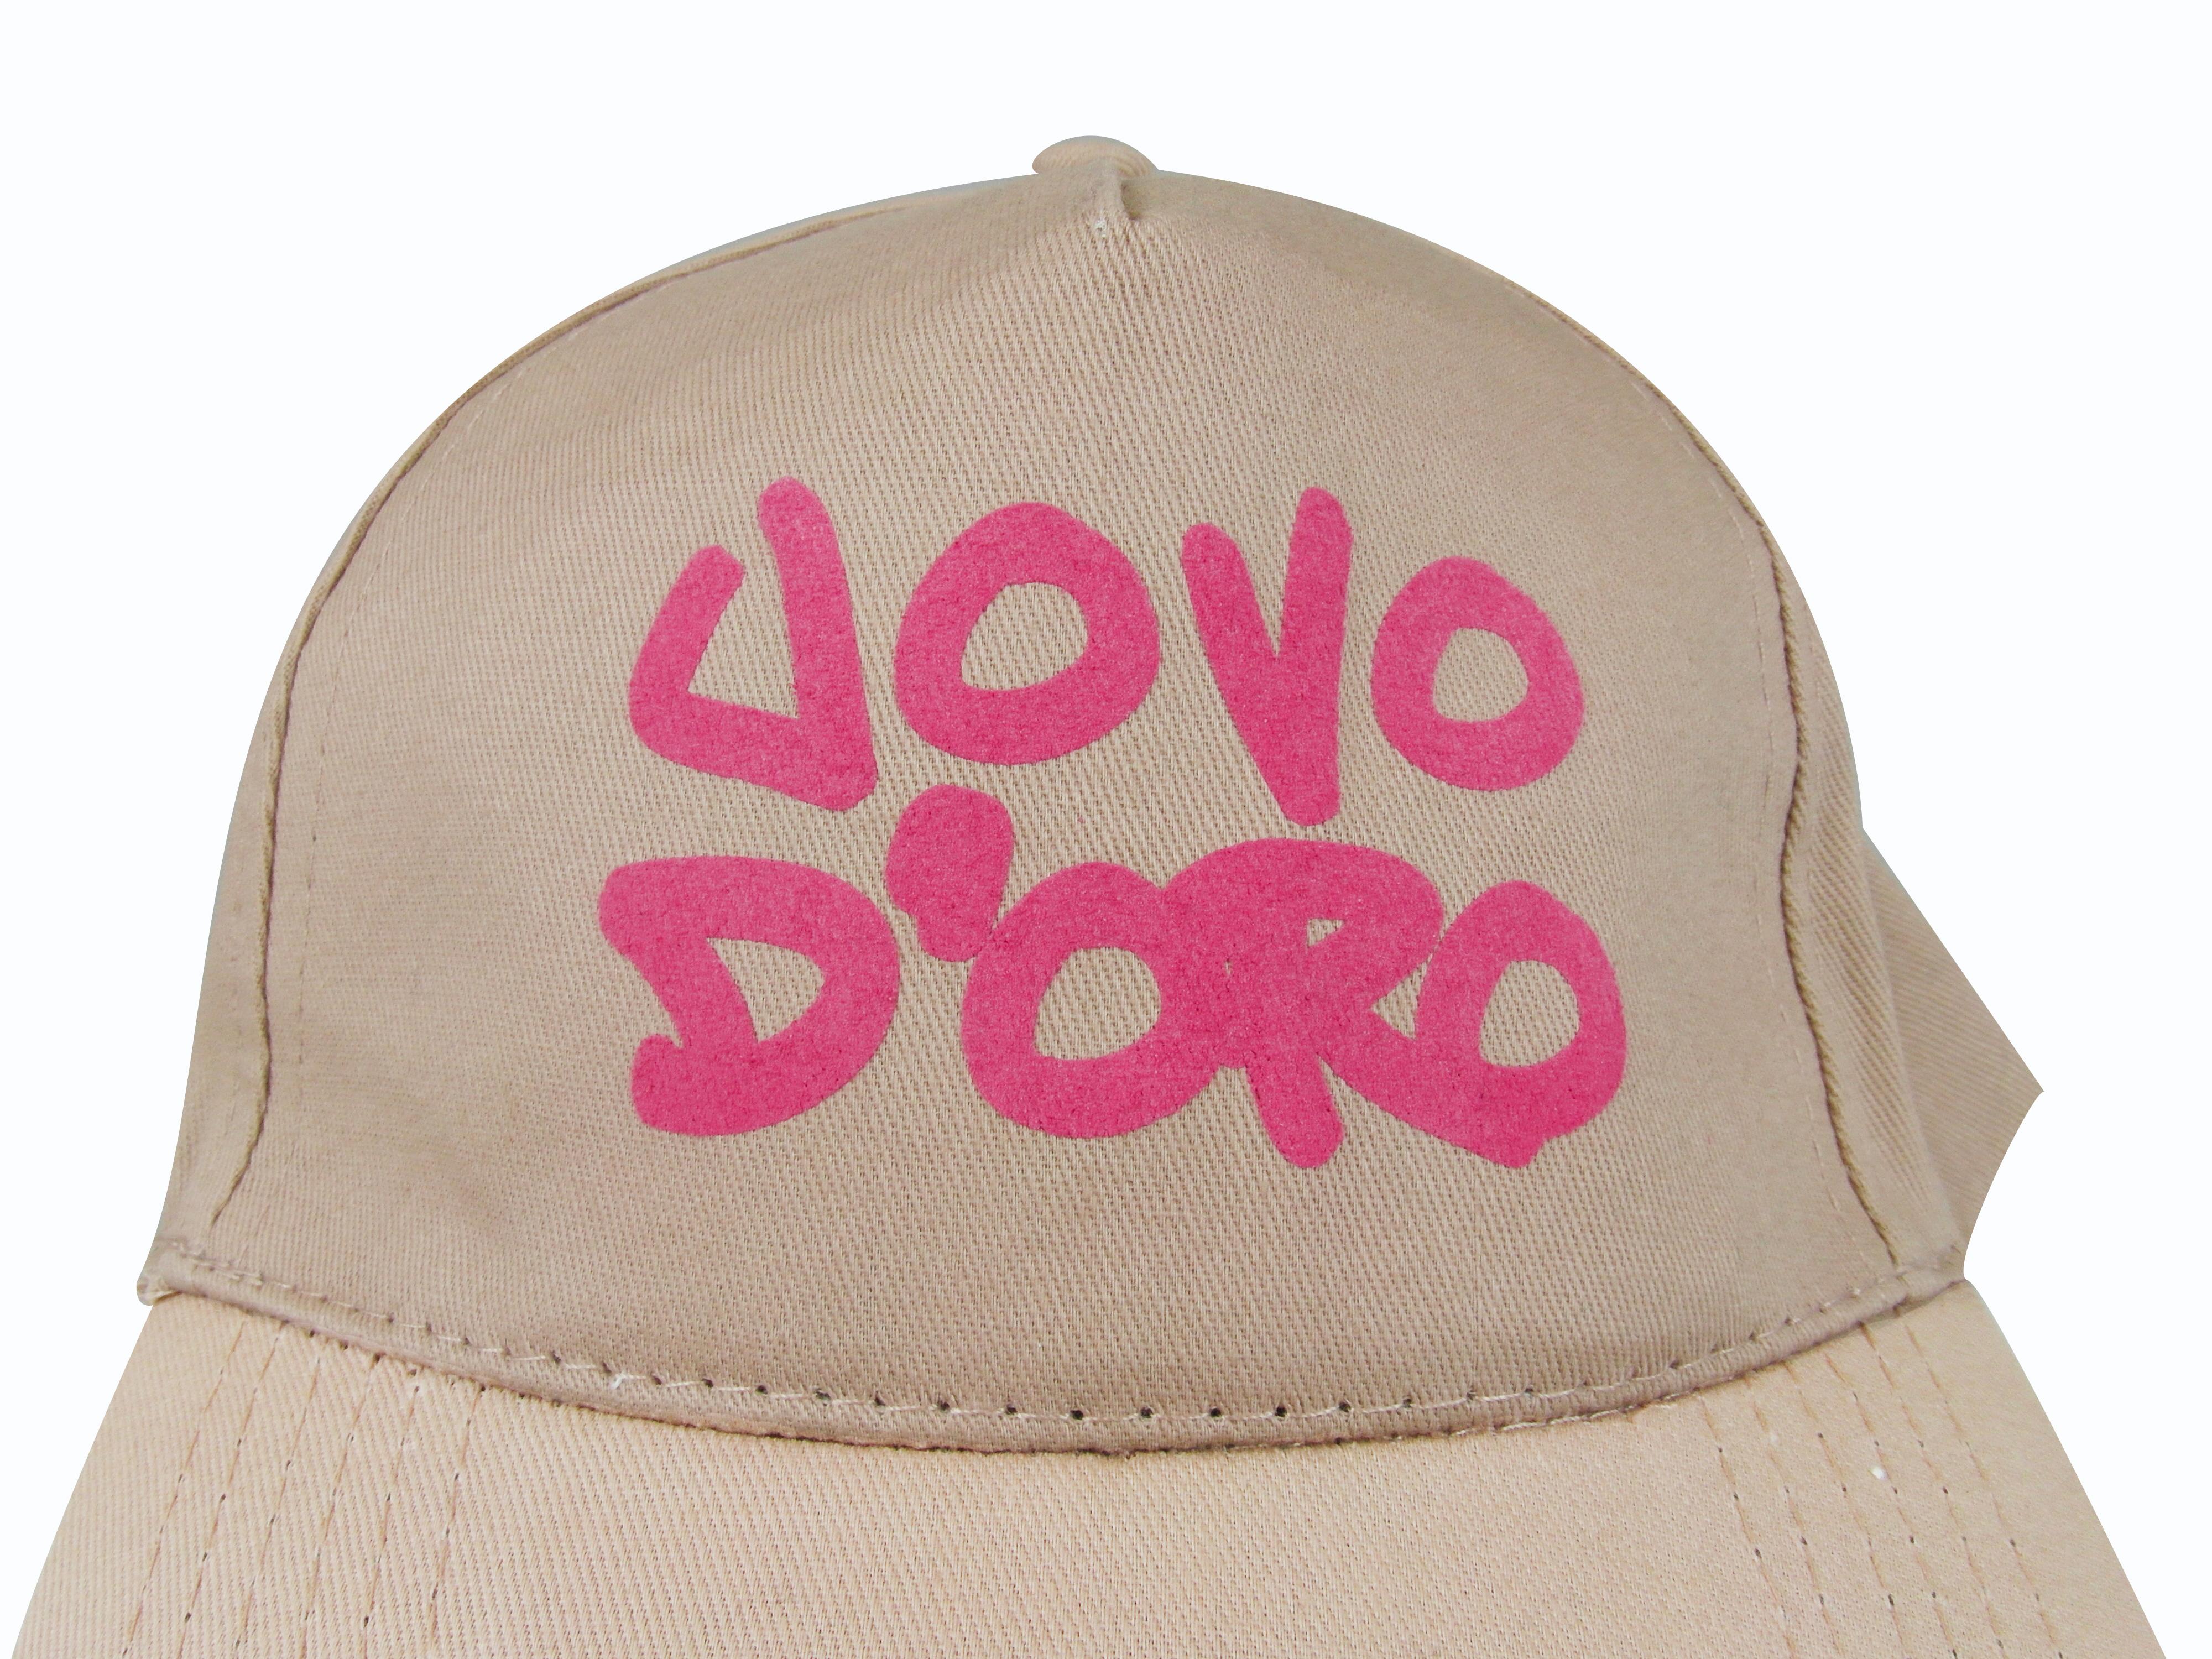 Uovo-Doro-AUdi-berretto